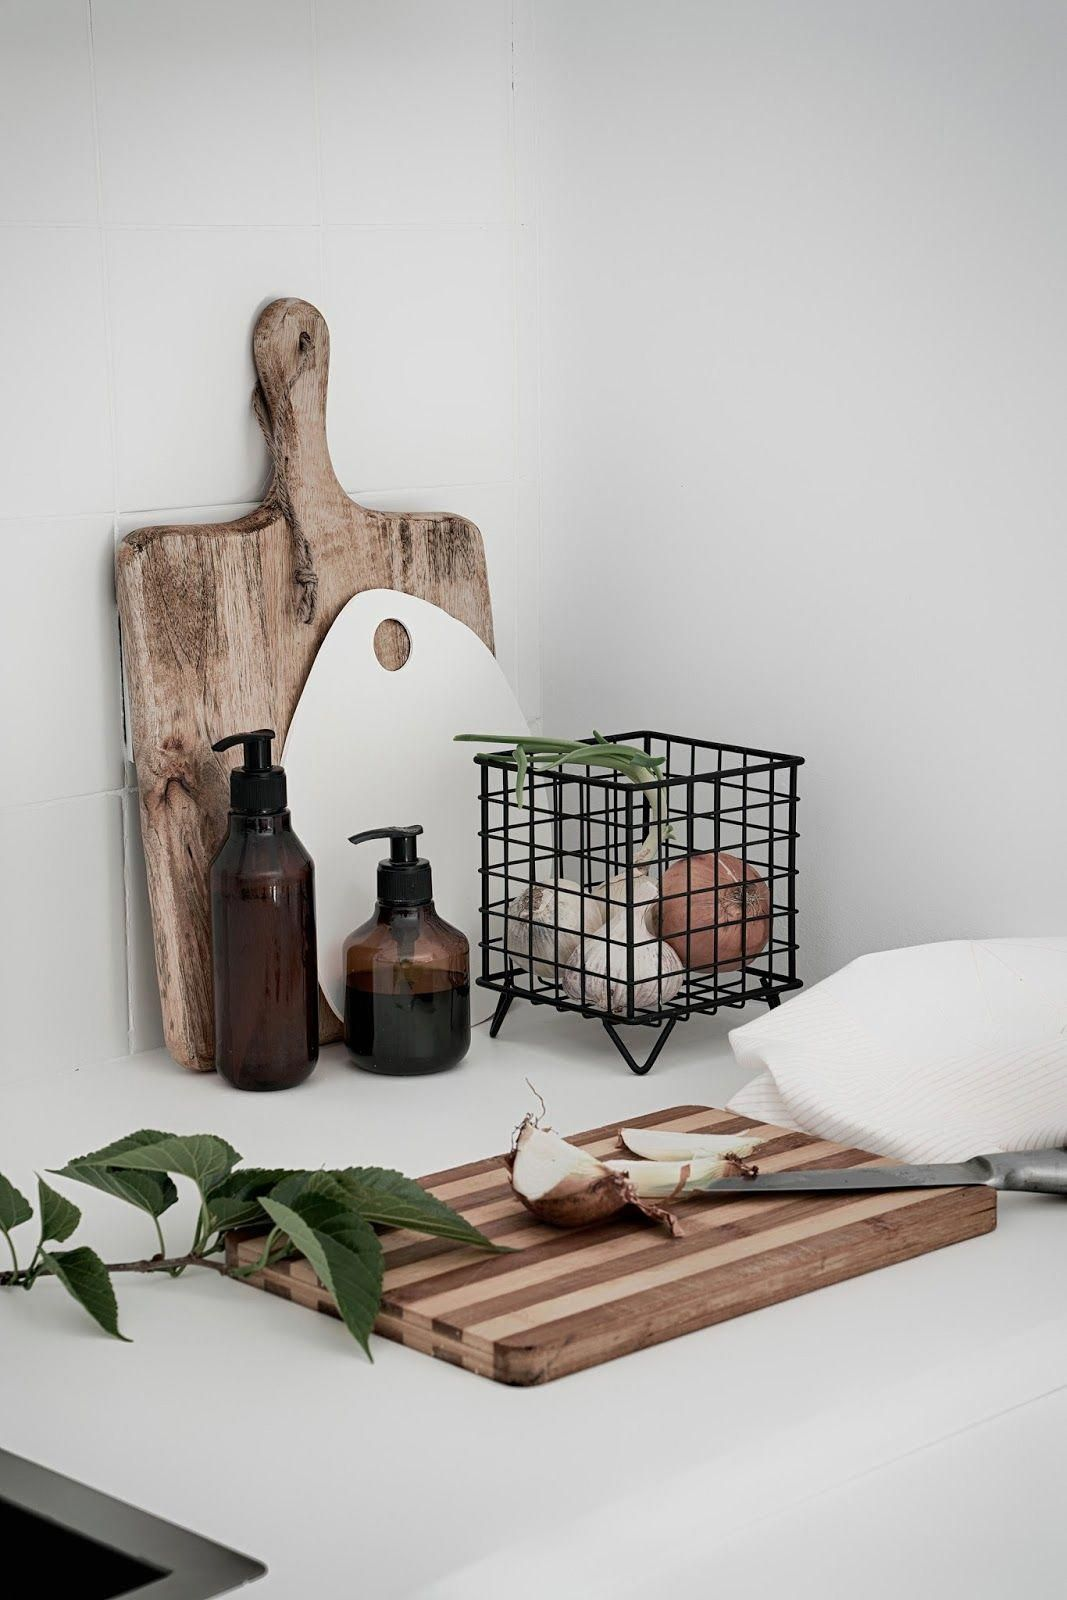 Photo of Scandinavian Interior Design #HomeDecorationWaterfall id: 7223137686